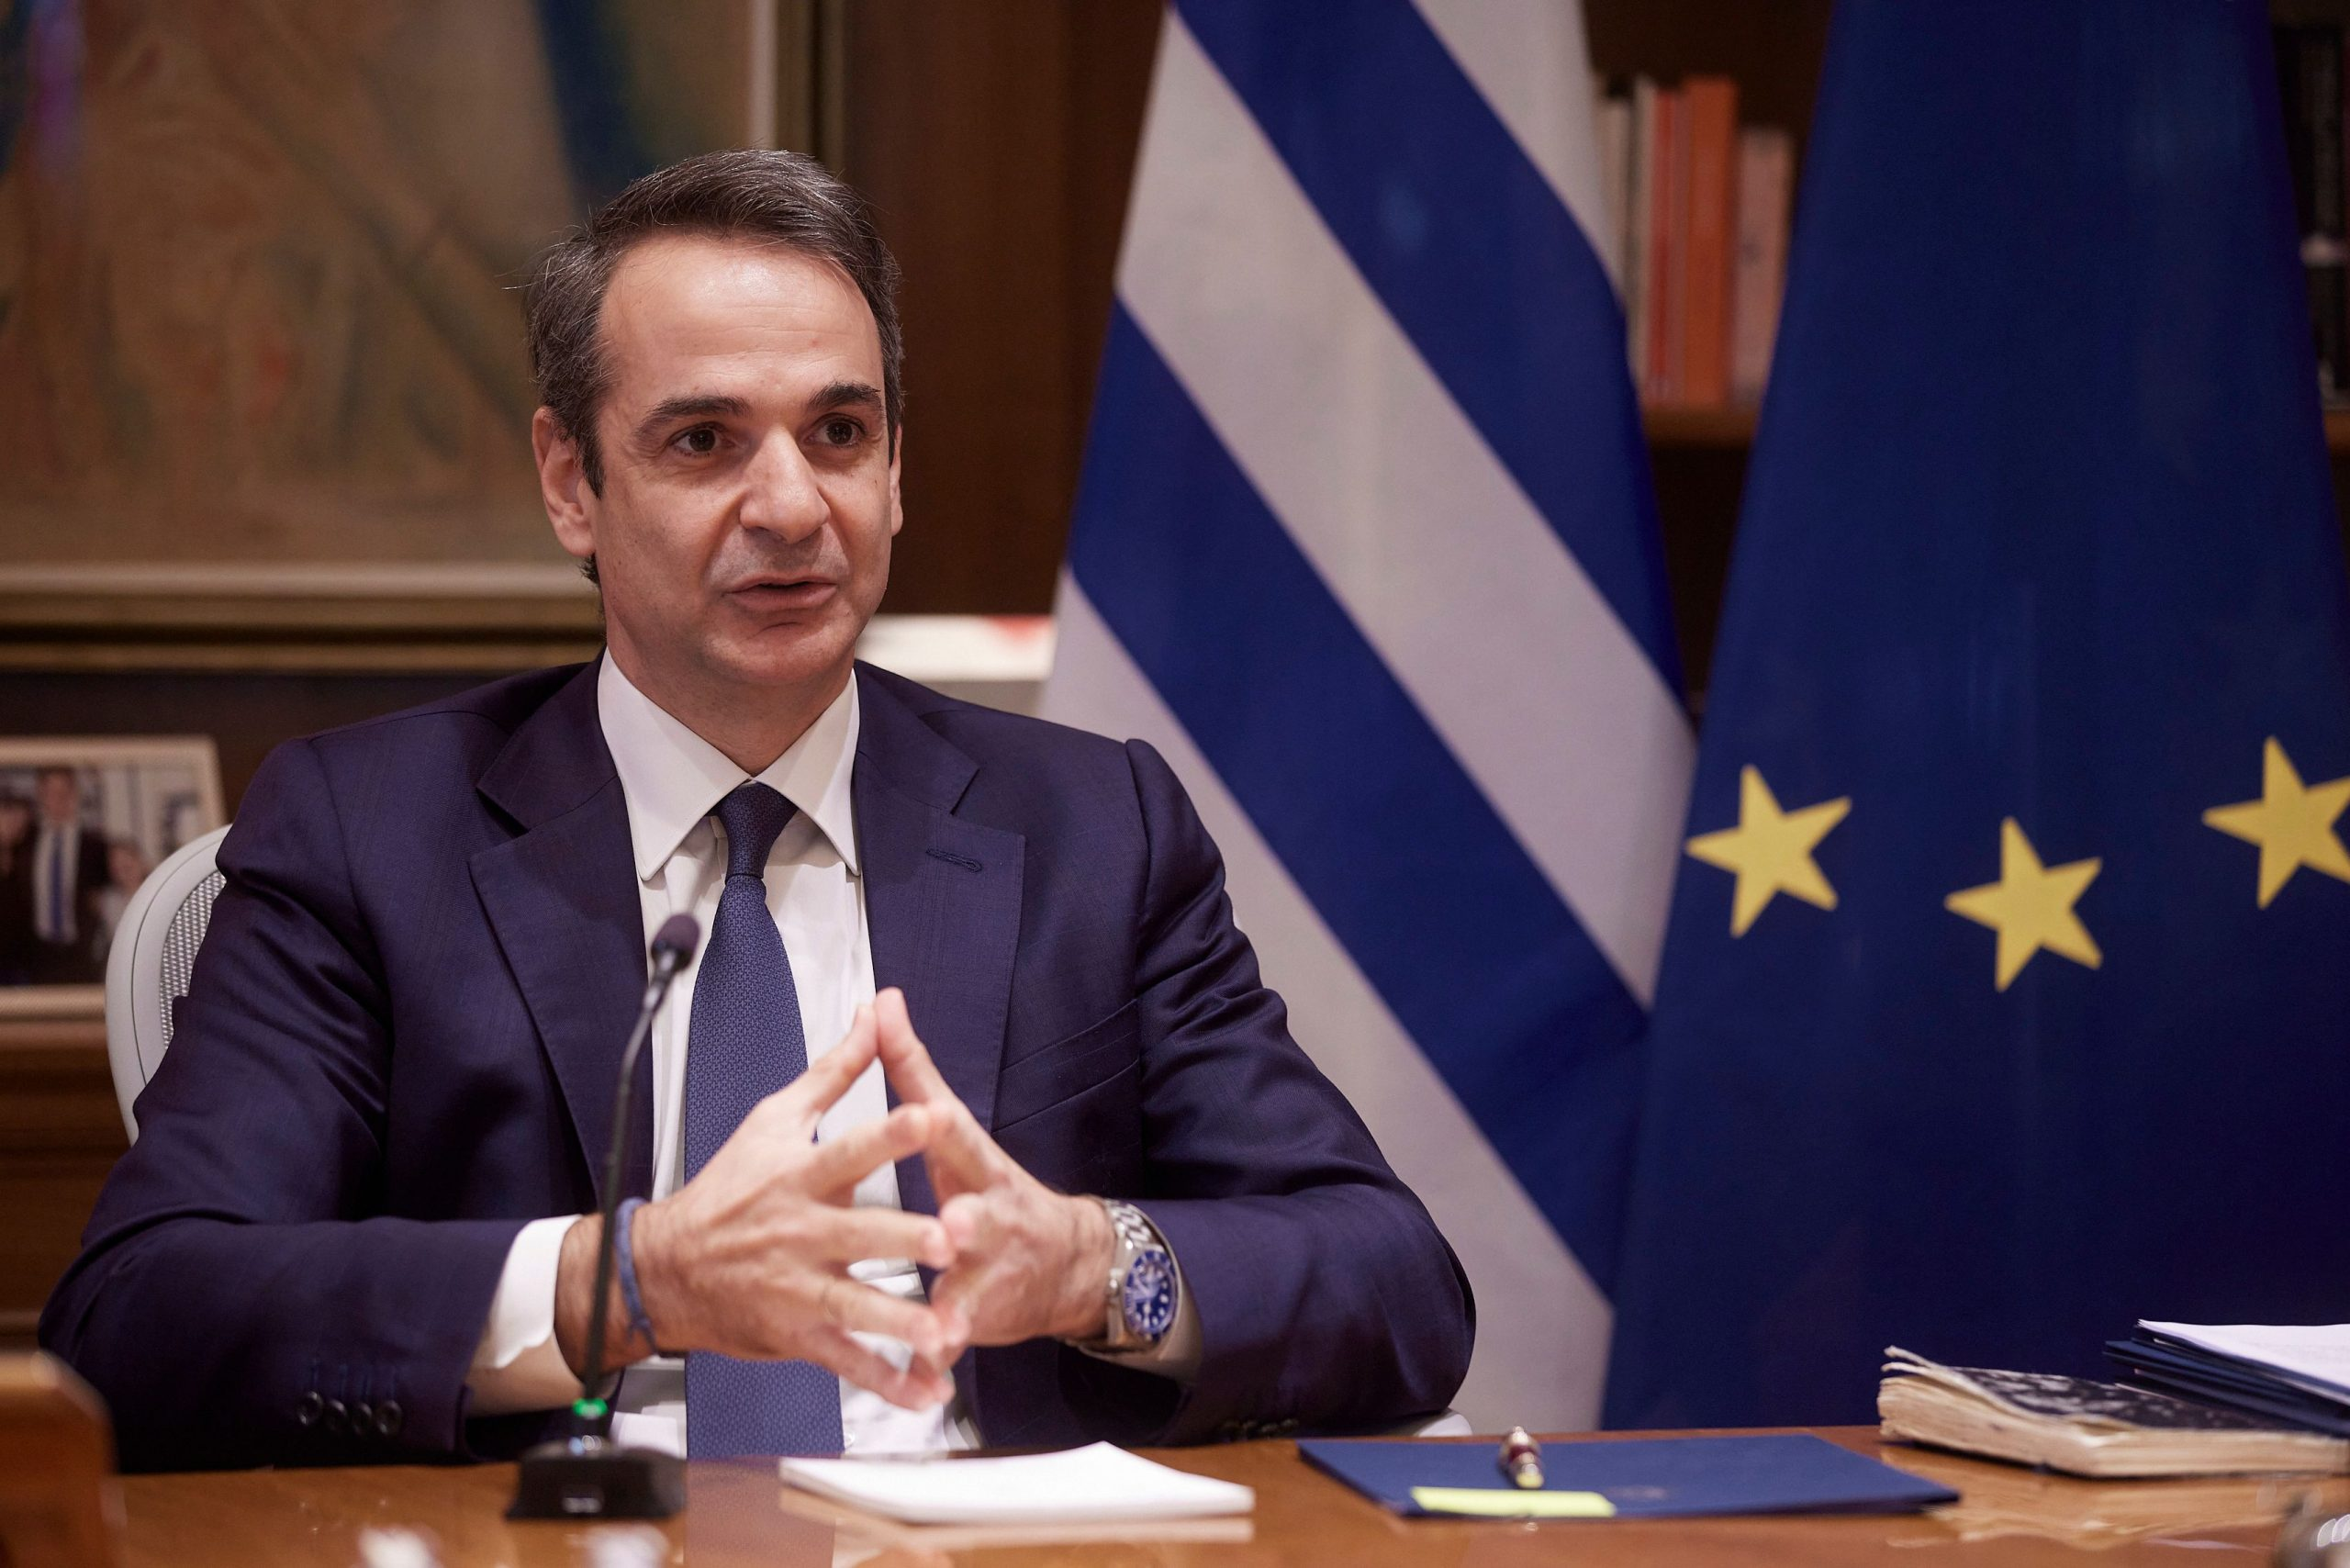 Κυρ. Μητσοτάκης: Επενδύσαμε στις υποδομές του ΕΣΥ και τα πήγαμε καλύτερα εν συγκρίσει με κράτη πλουσιότερα από το δικό μας